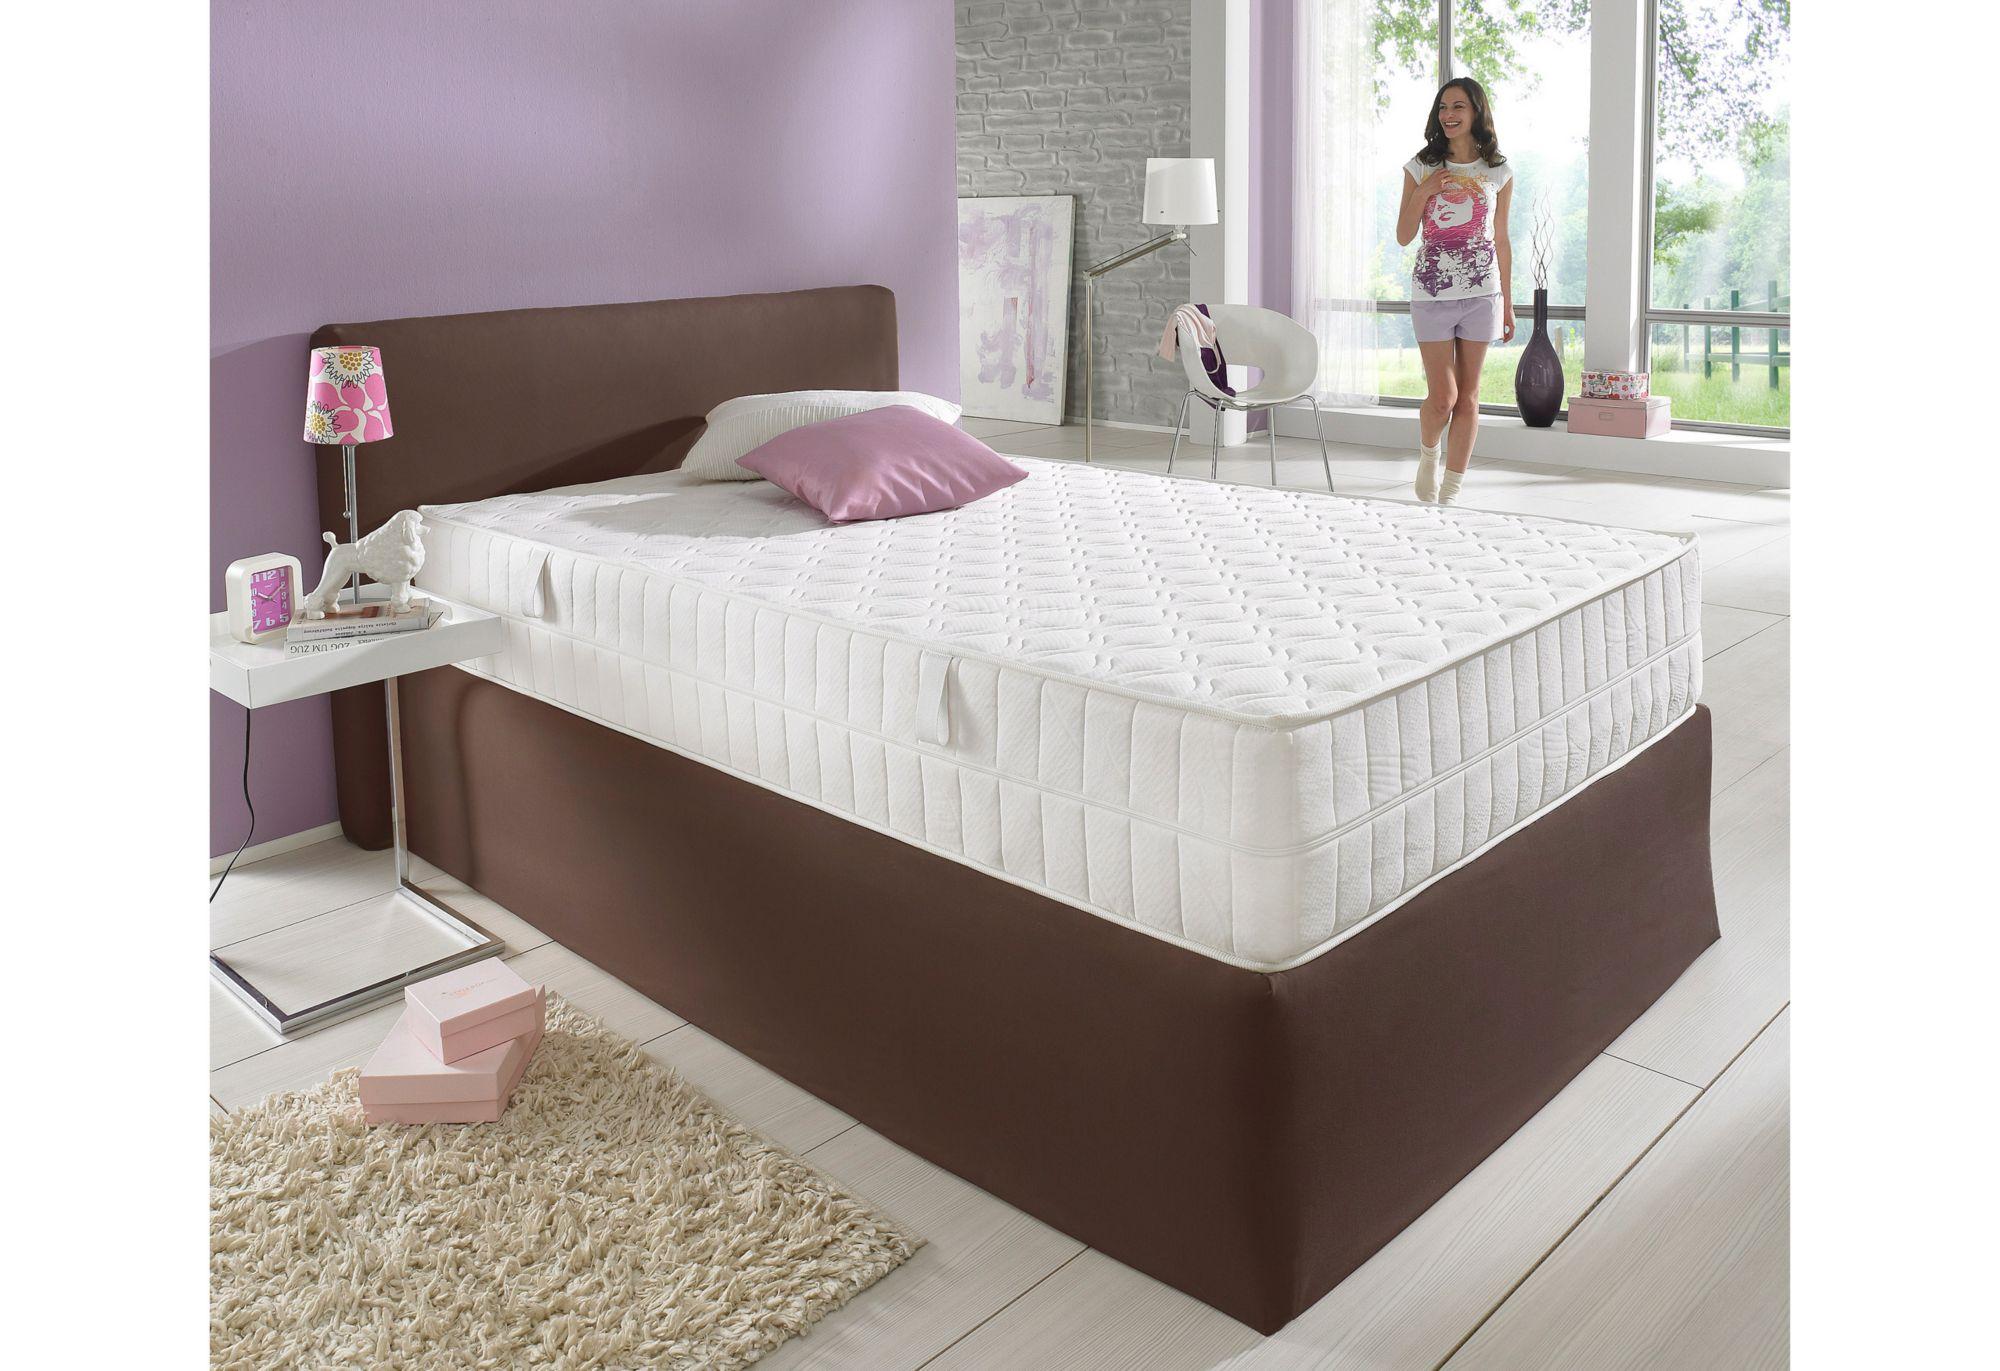 DI QUATTRO Komfortschaummatratze, »Airy Form Luxus«, Magniflex, 29 cm hoch, Raumgewicht: 28